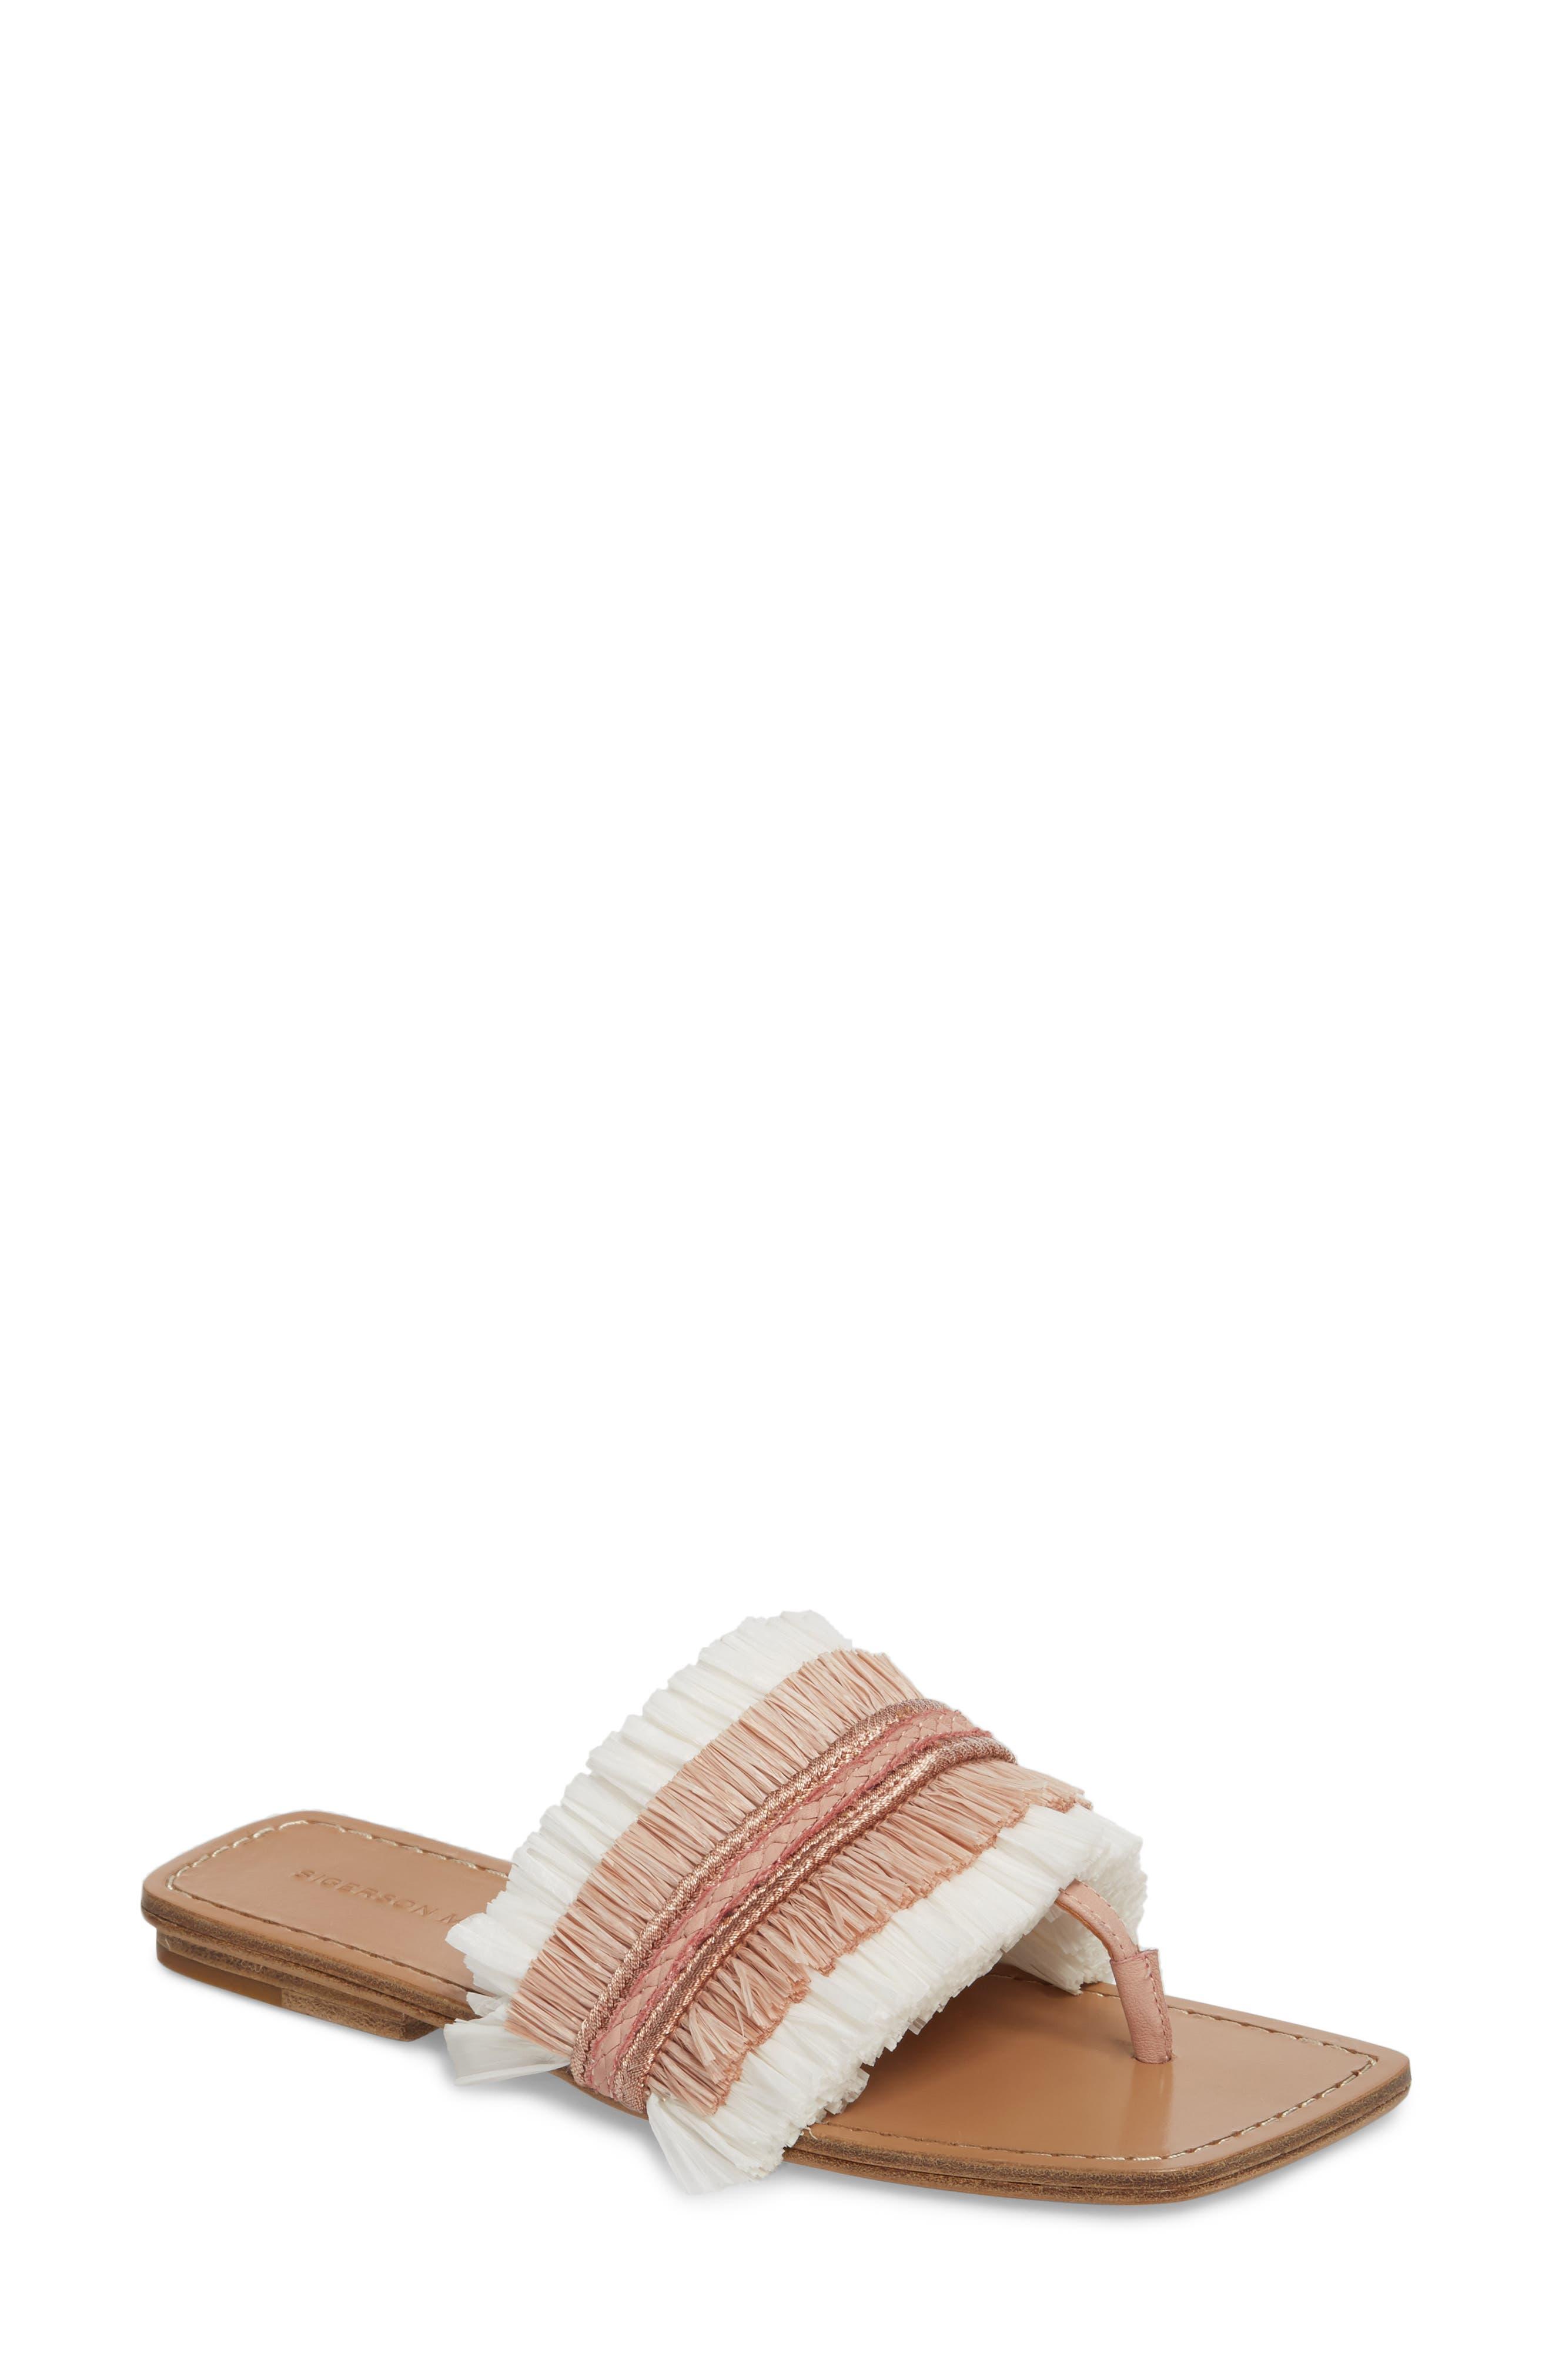 Woven Sandal,                             Main thumbnail 1, color,                             697